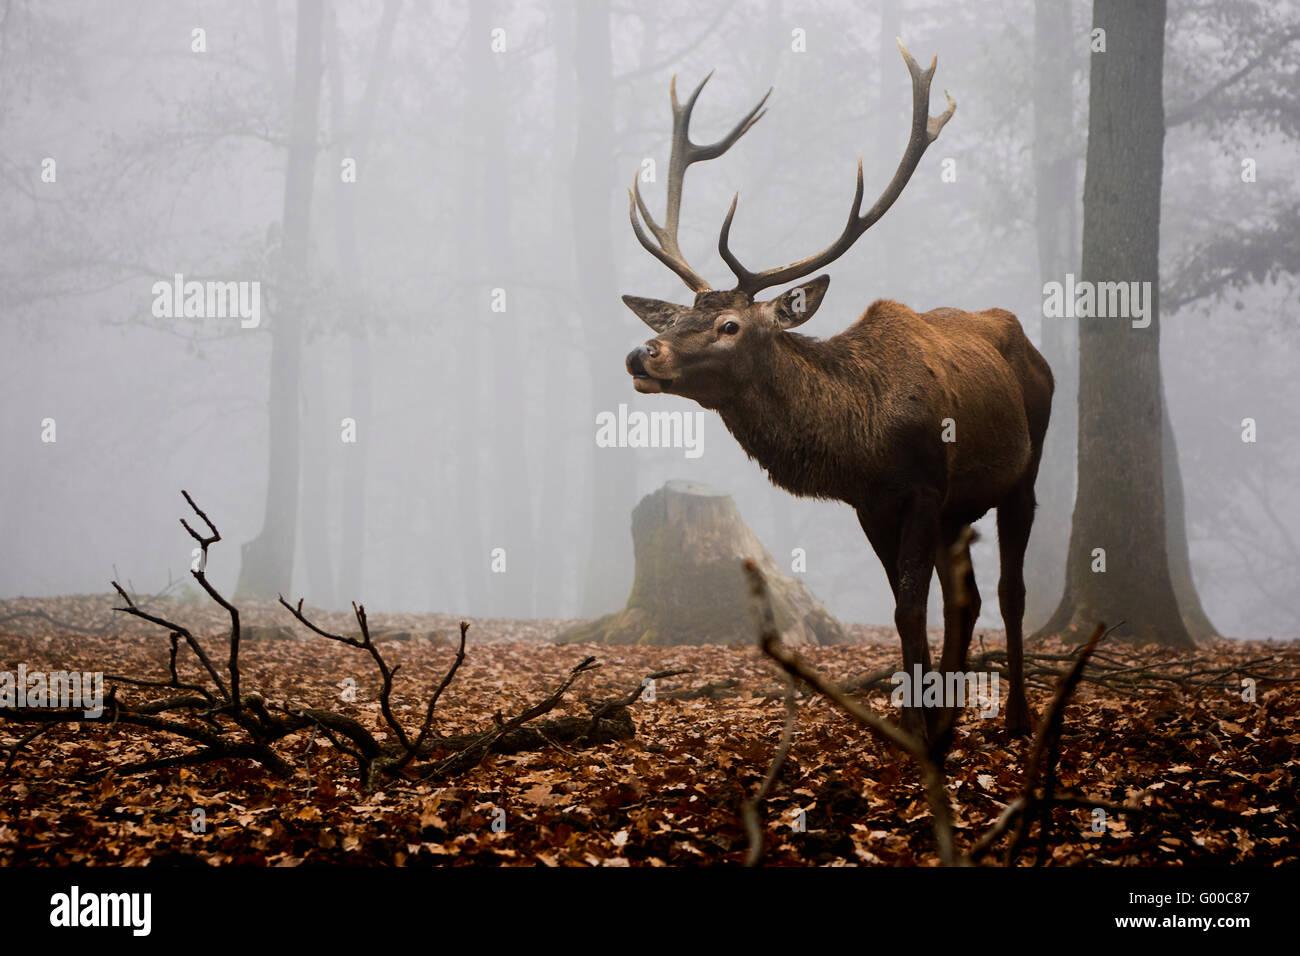 Buck deer stag - Stock Image